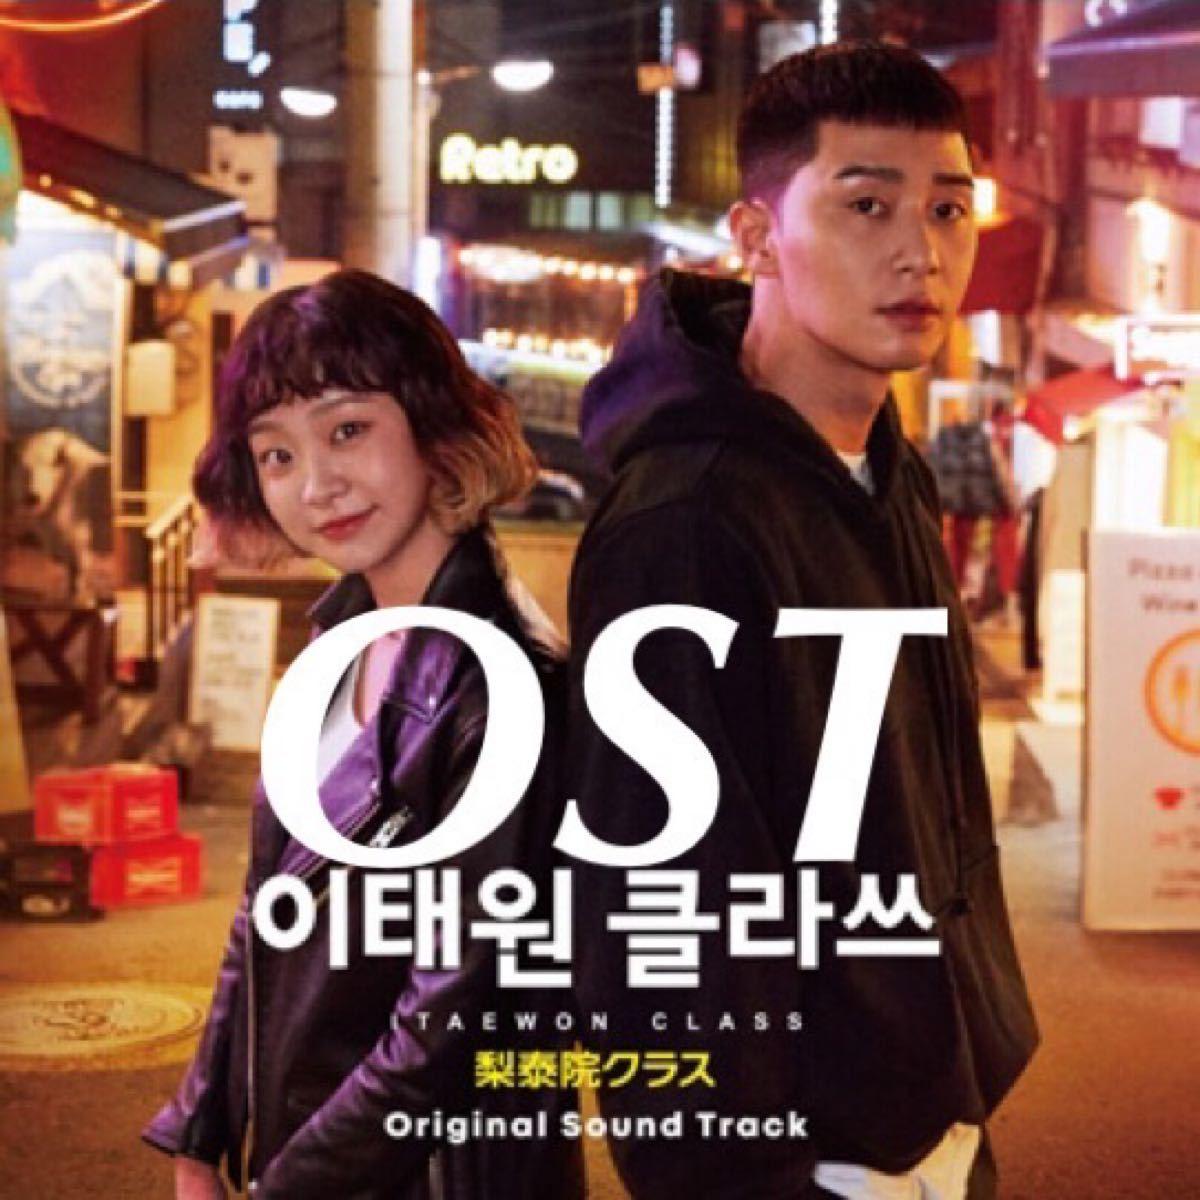 梨泰院クラス OST MV DVD パク・ソジュン DVD